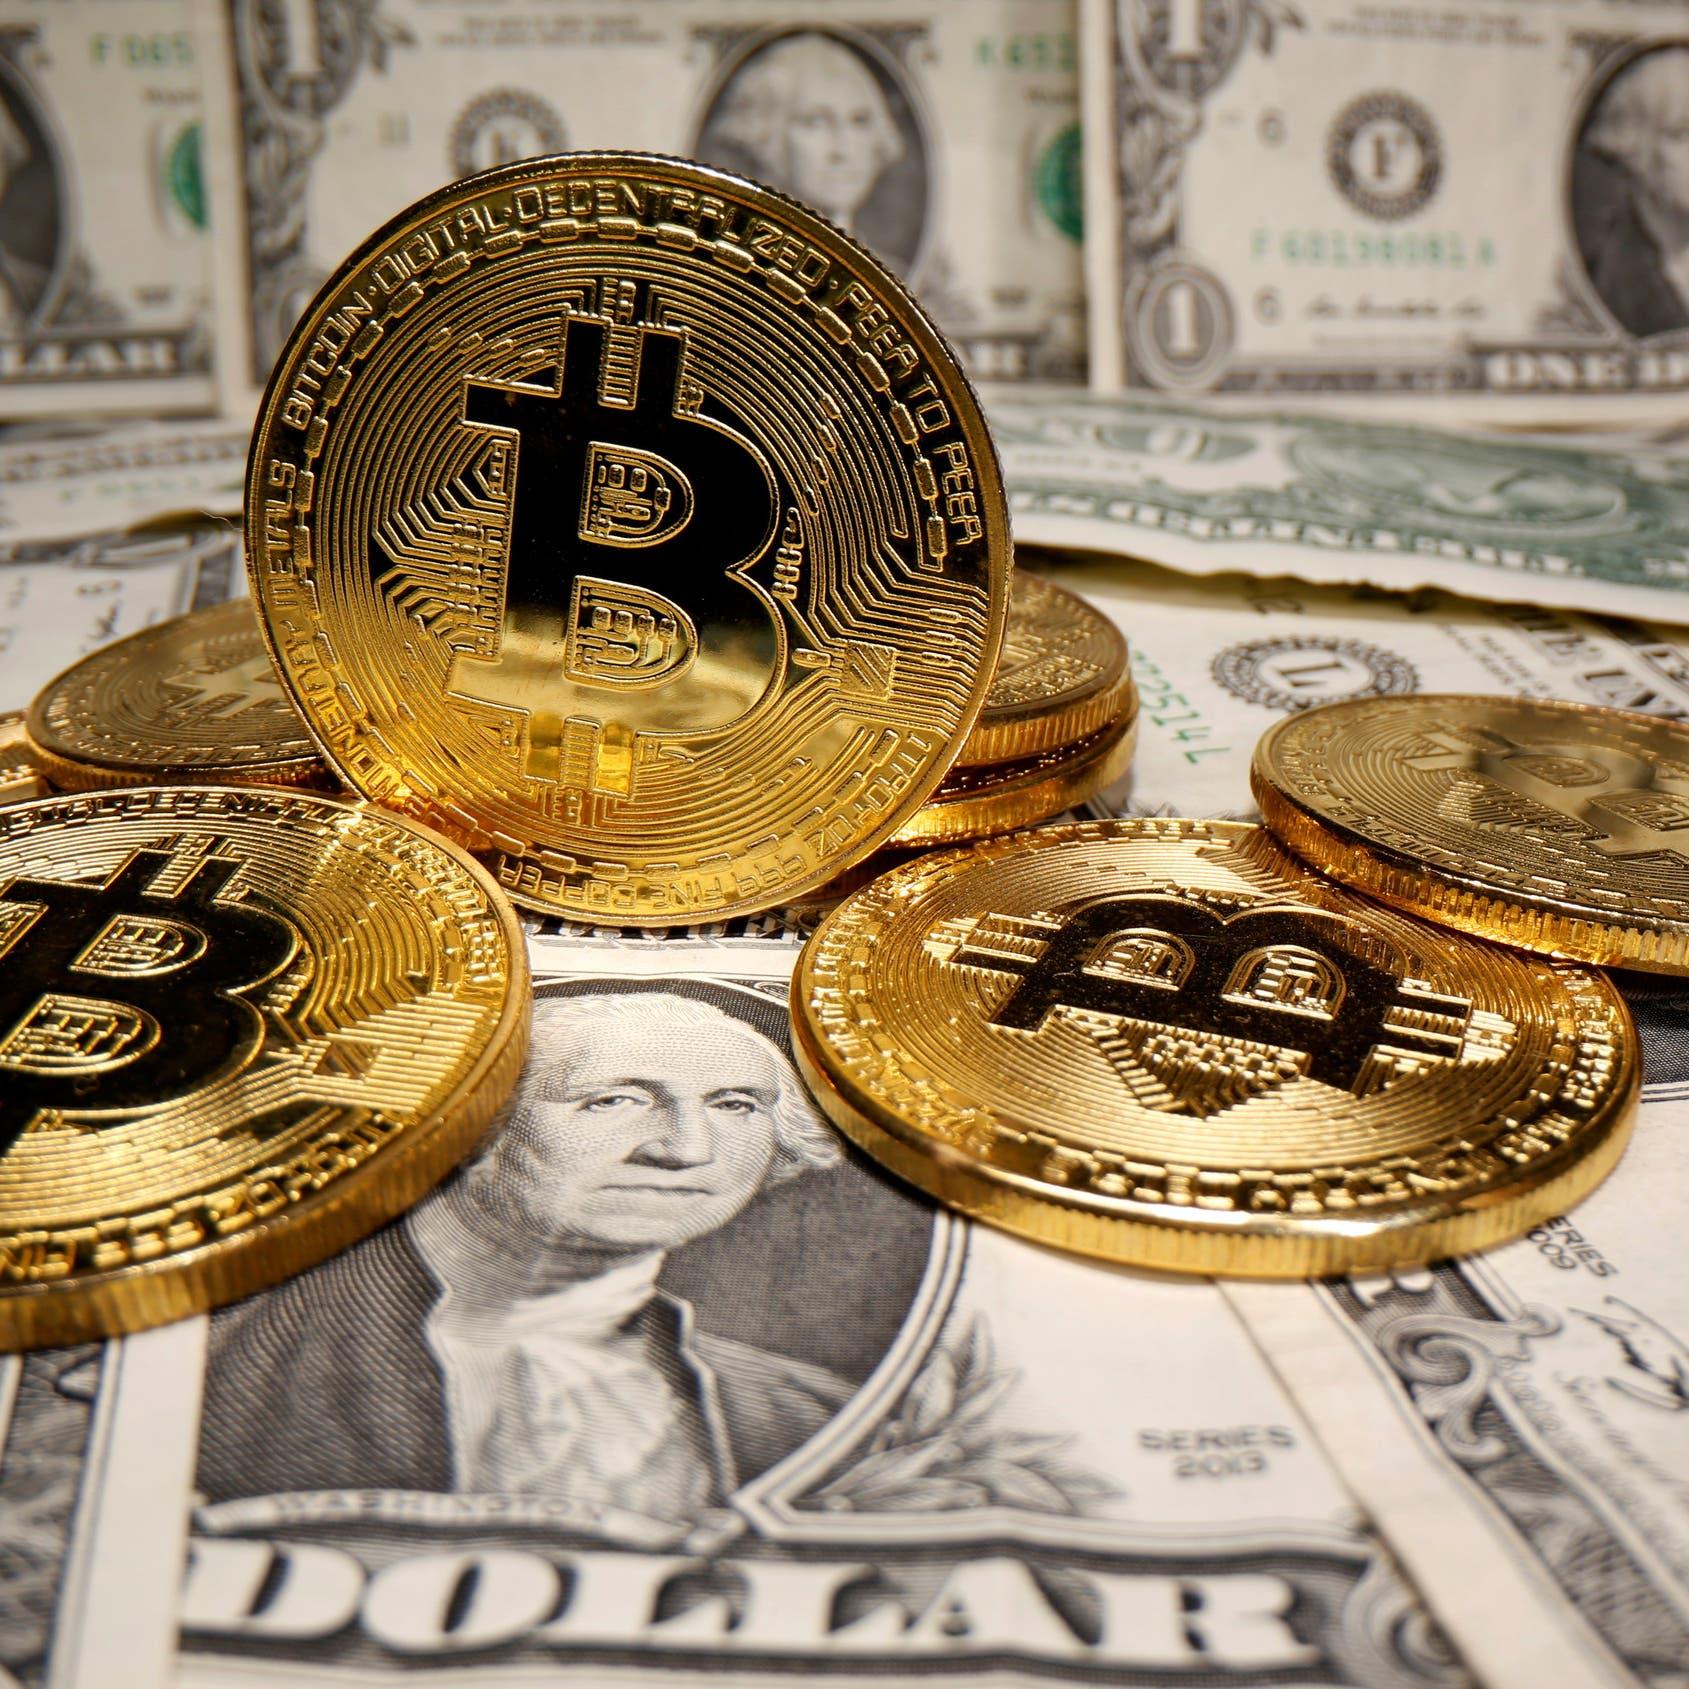 العملات المشفرة تهدد هيمنة الدولار.. وثيقة تكشف مخاوف واشنطن